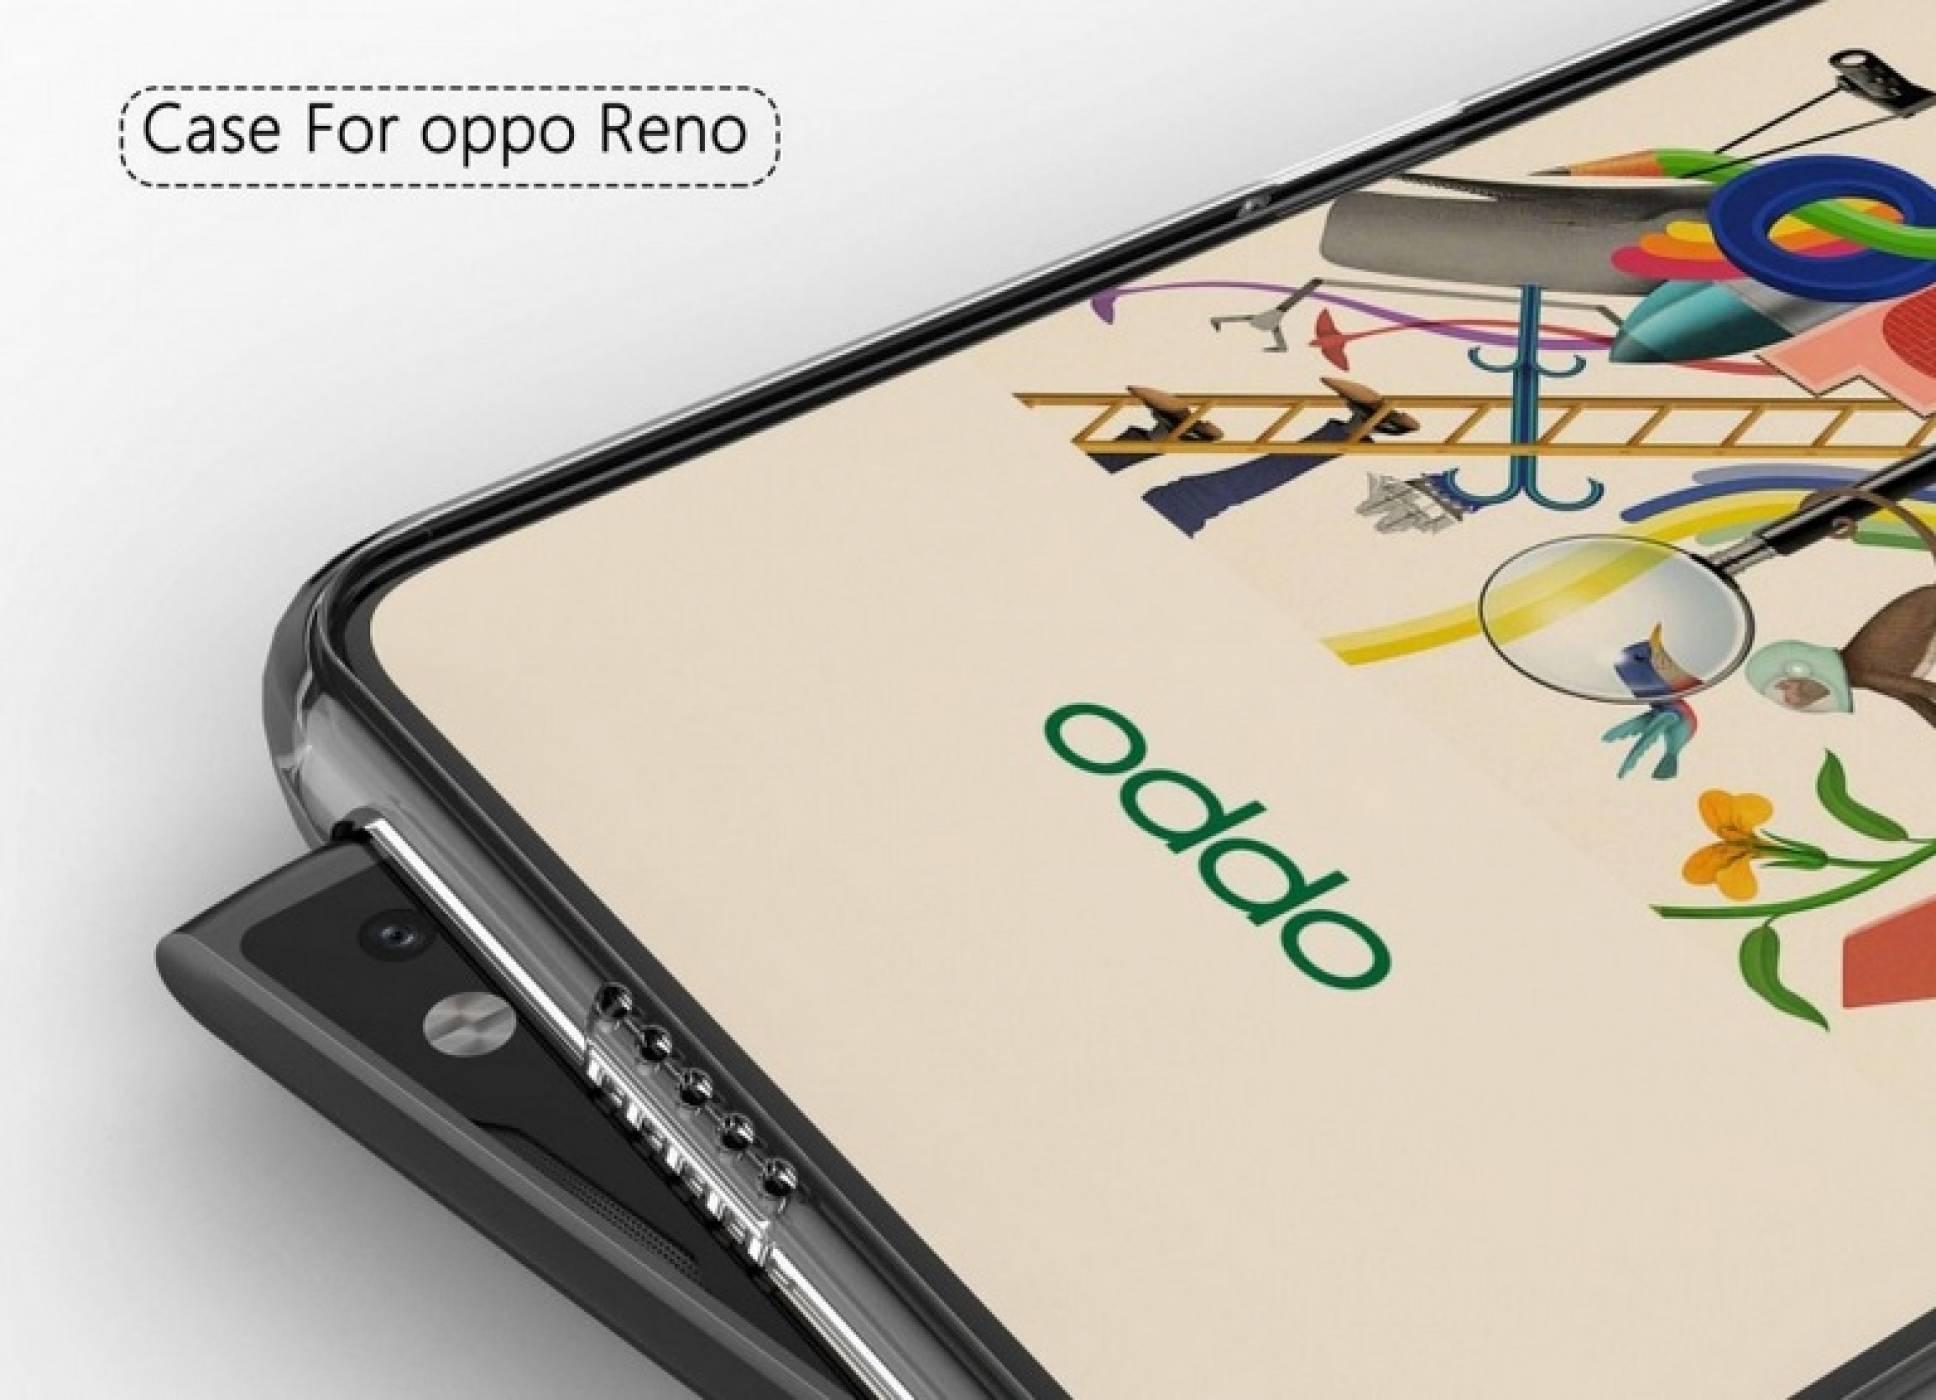 Селфи камерата на Oppo Reno е най-шантавото нещо, което ще видите днес (ВИДЕО)